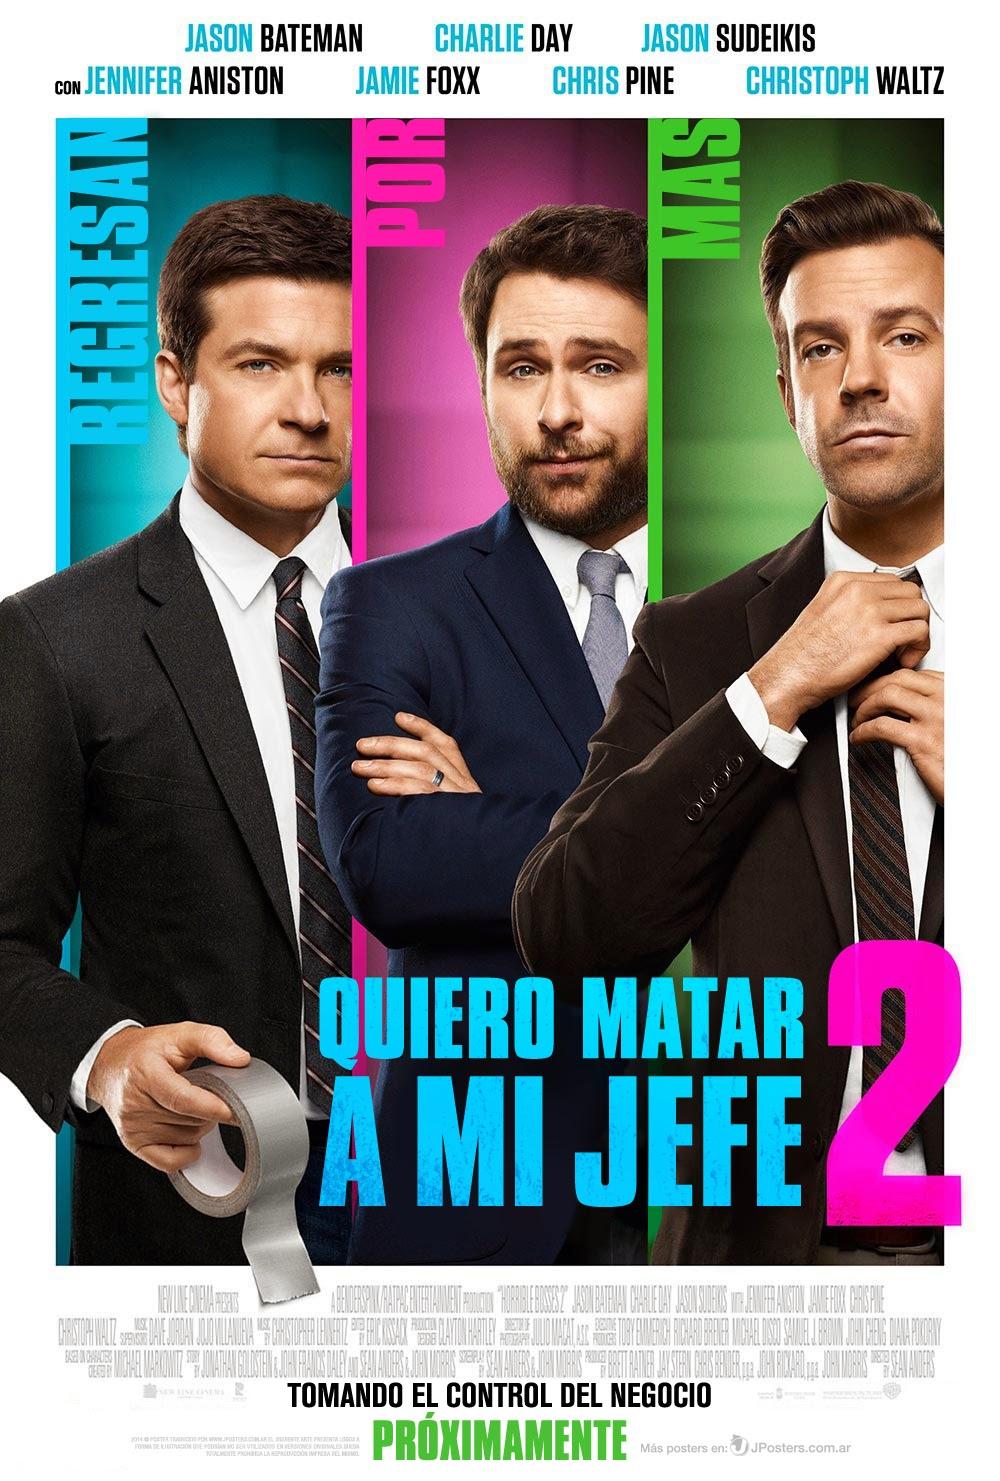 Quiero Matar A Mi Jefe 2 (2014)